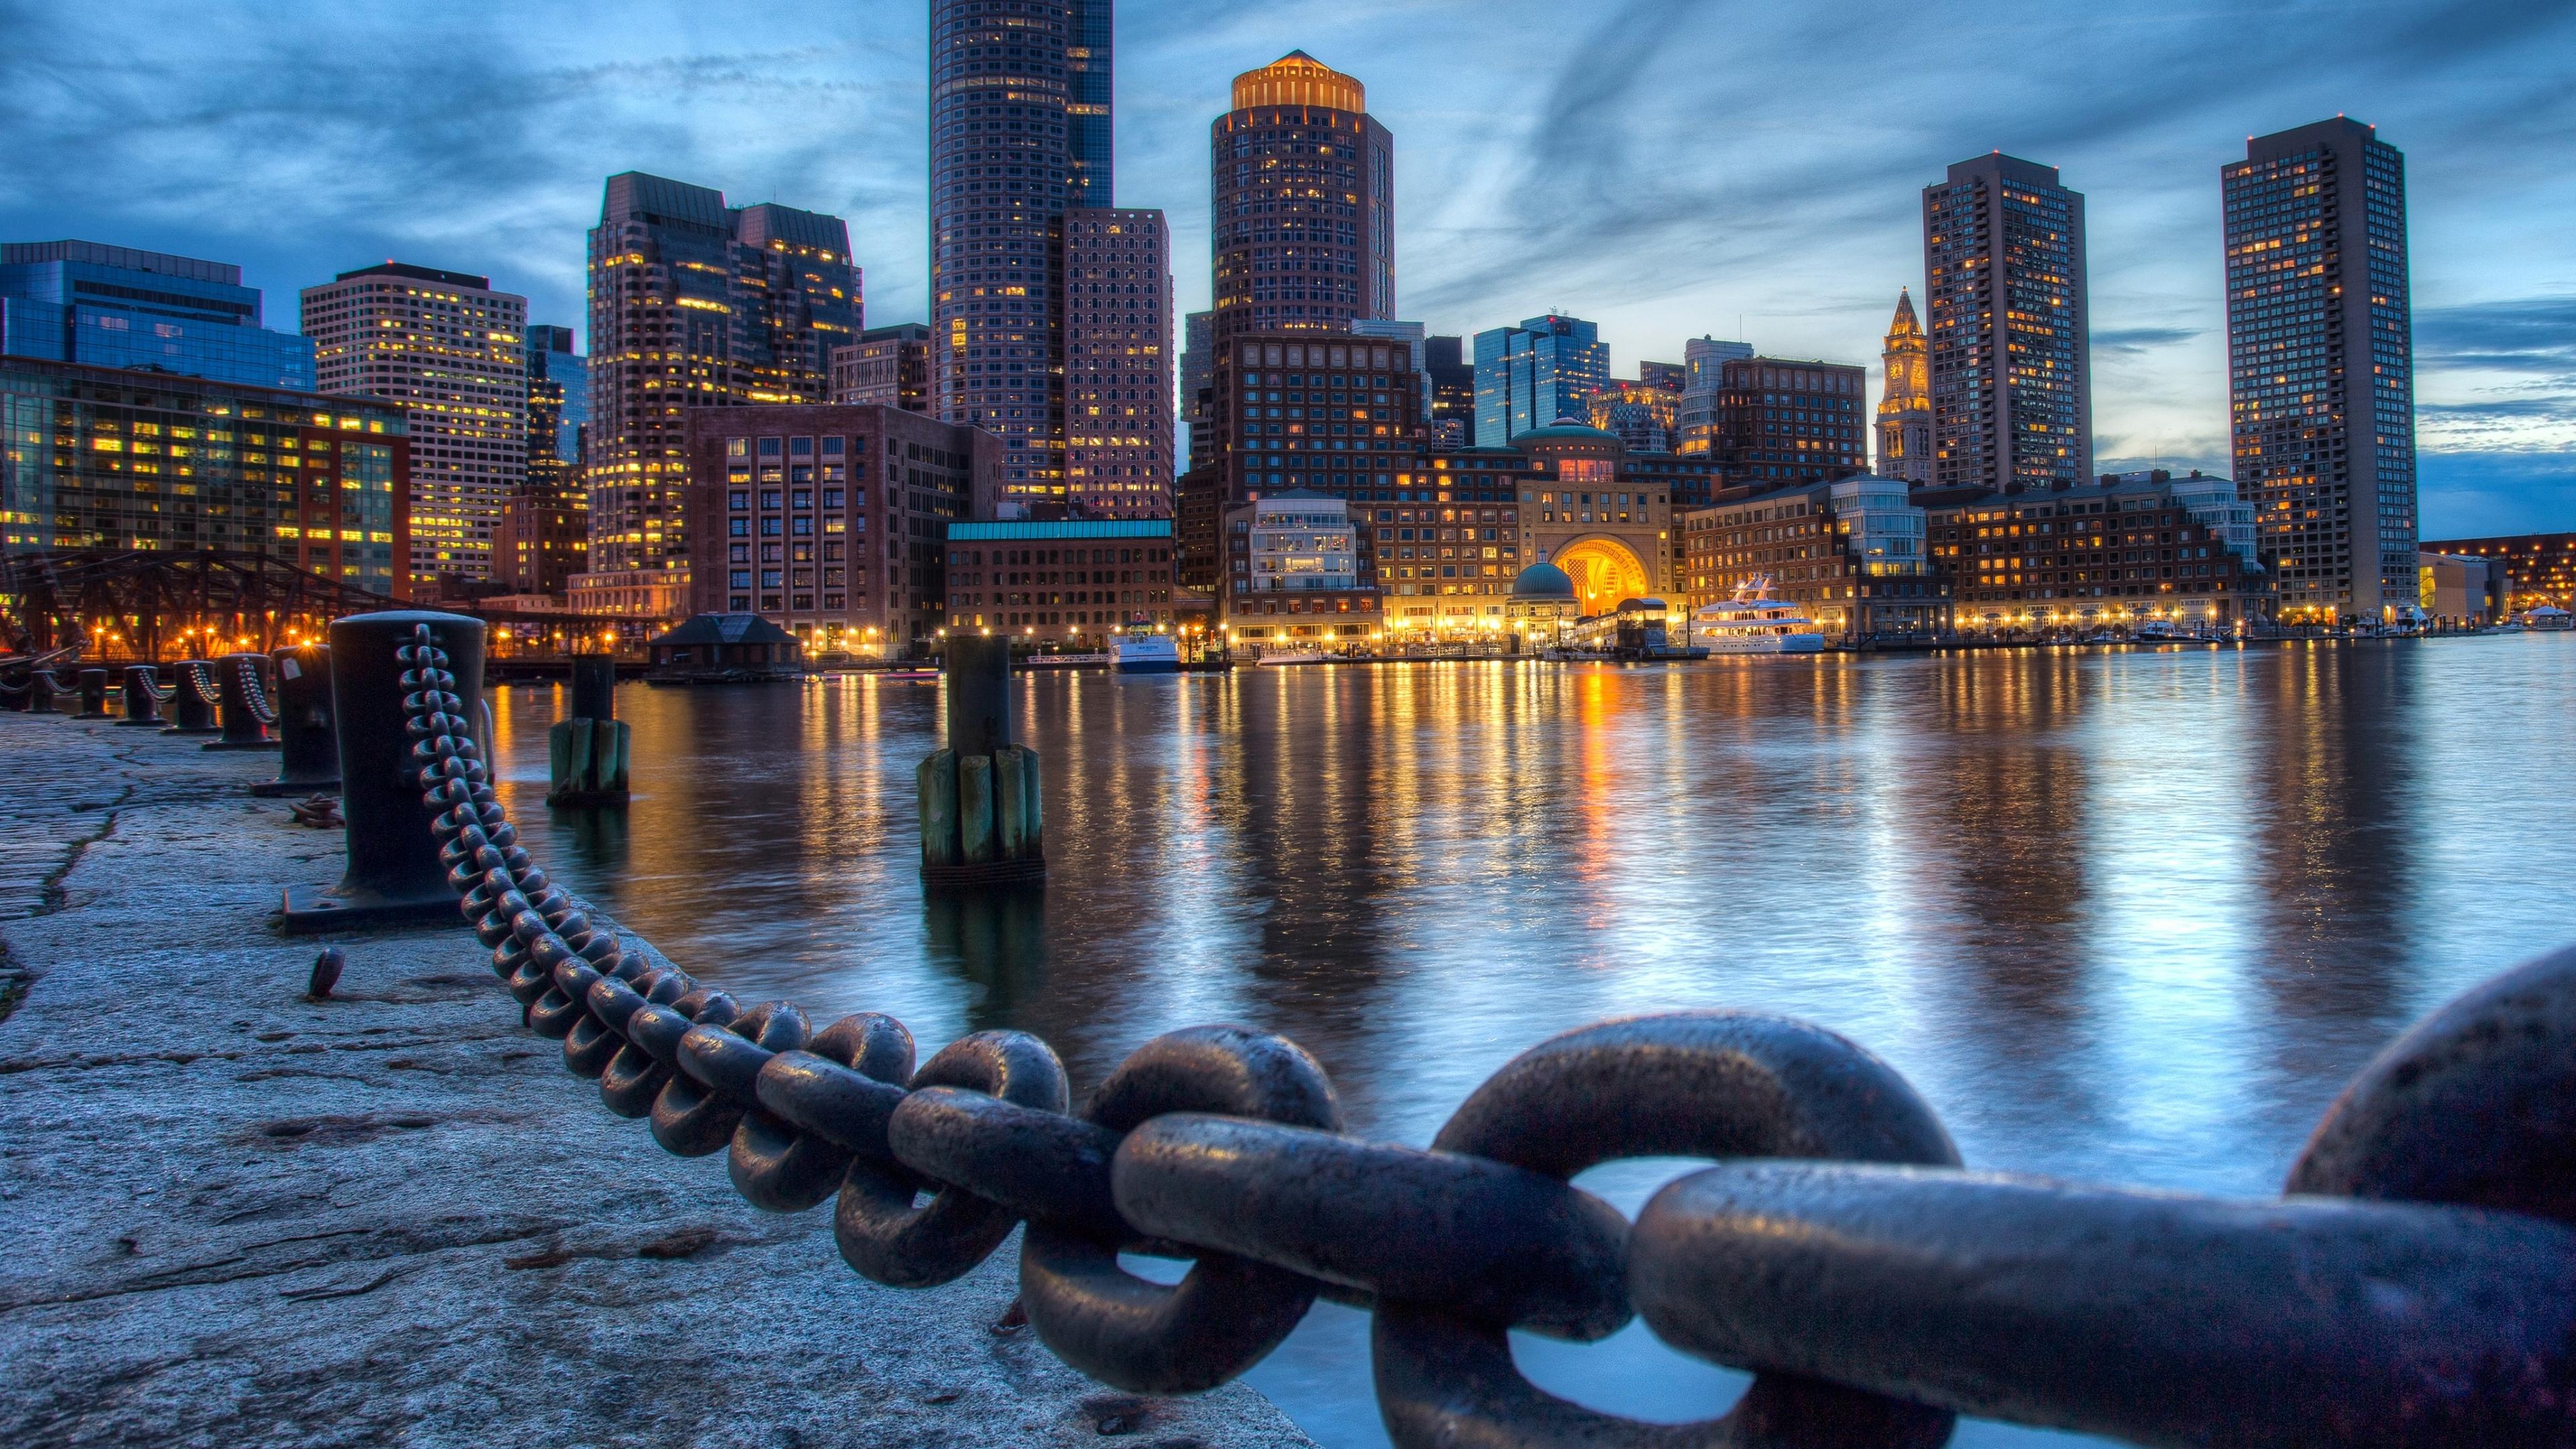 boston view hd wallpapers 4k